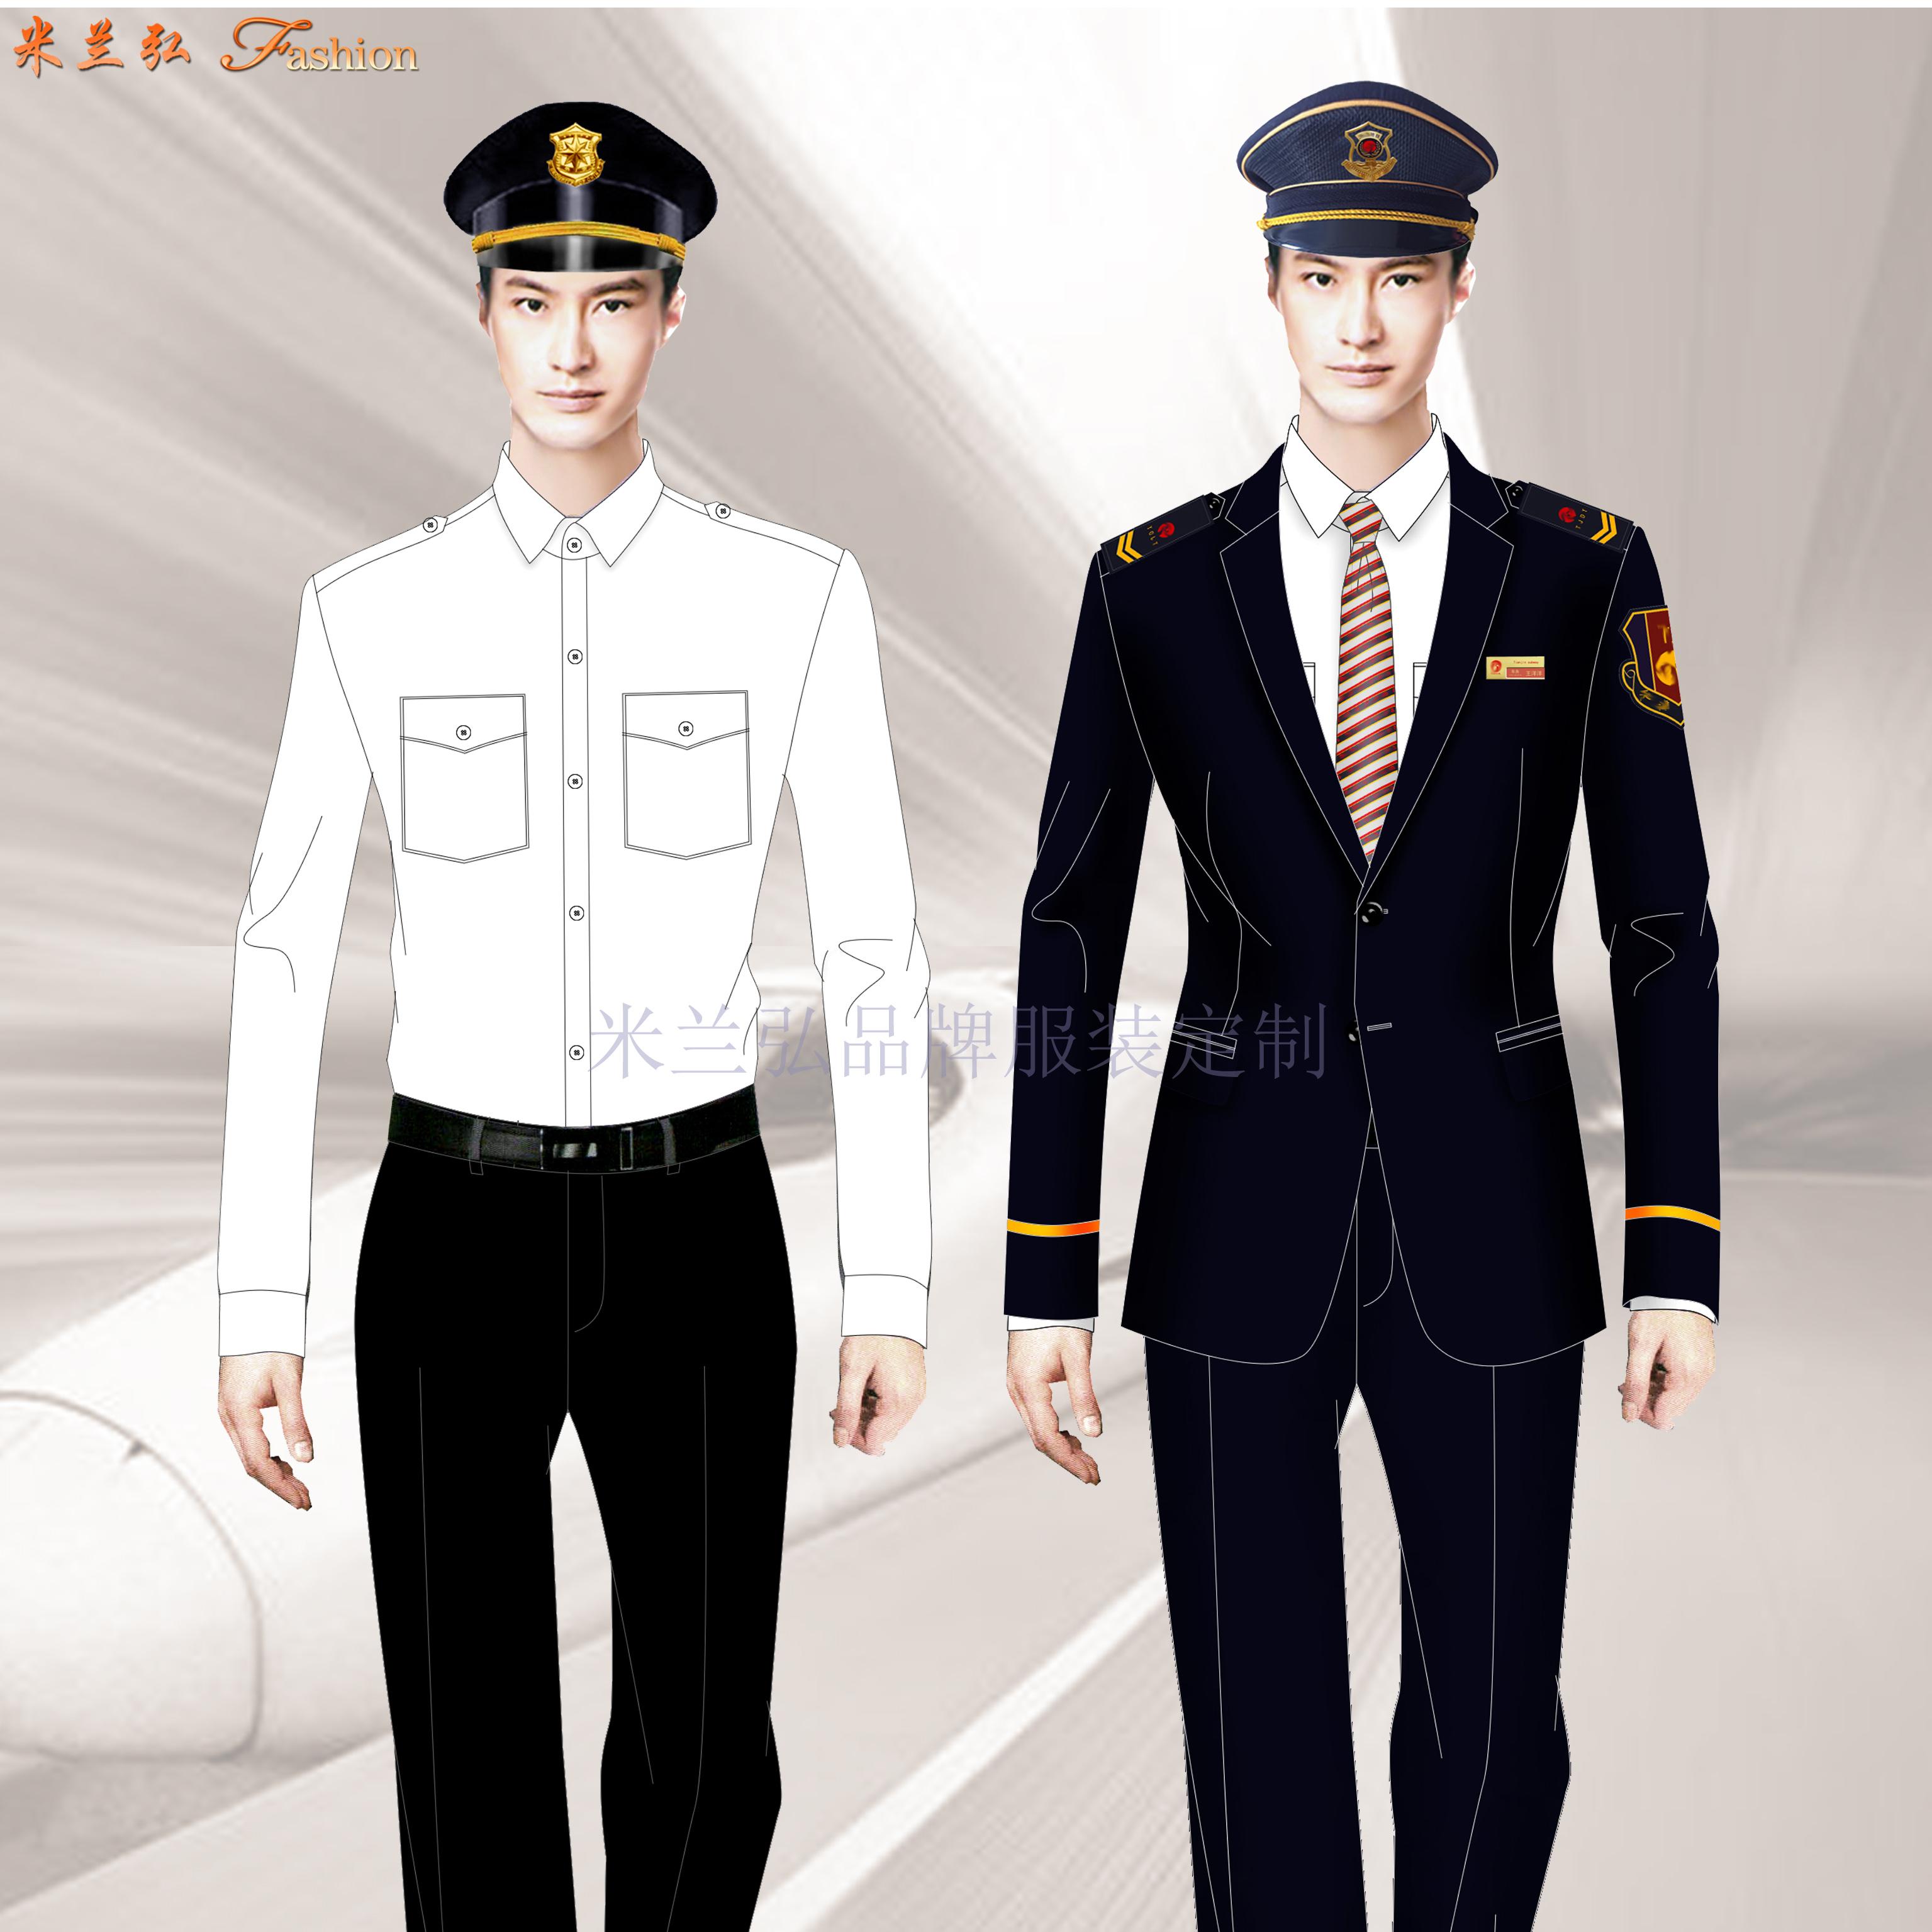 武汉高铁服装-武汉高铁工作服定制-蓝冠注册工服厂家-2